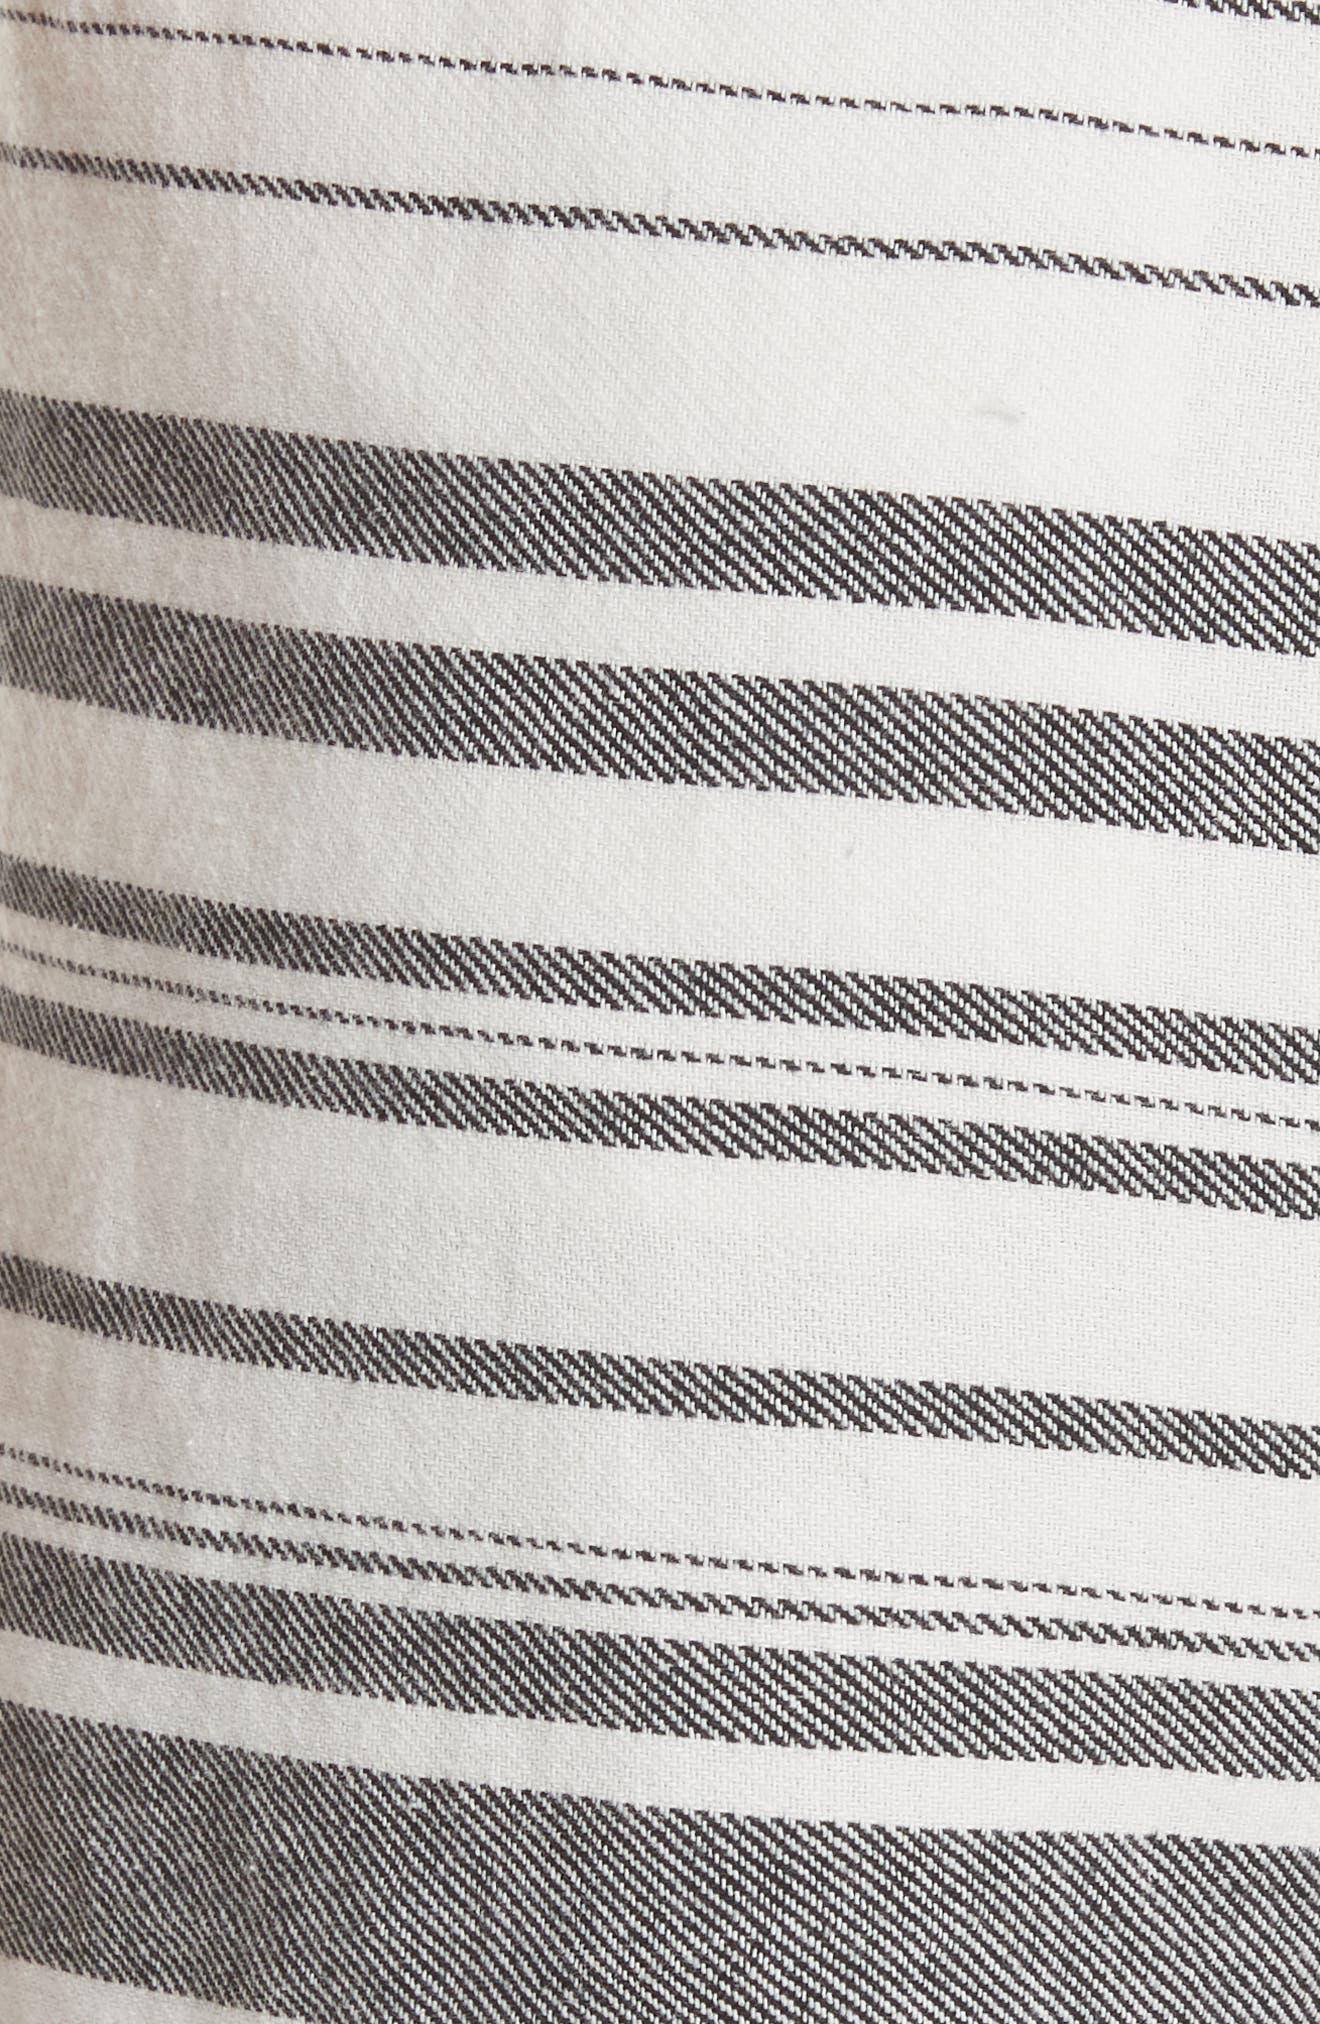 Brusha Stripe Cotton Twill Shorts,                             Alternate thumbnail 5, color,                             Caviar